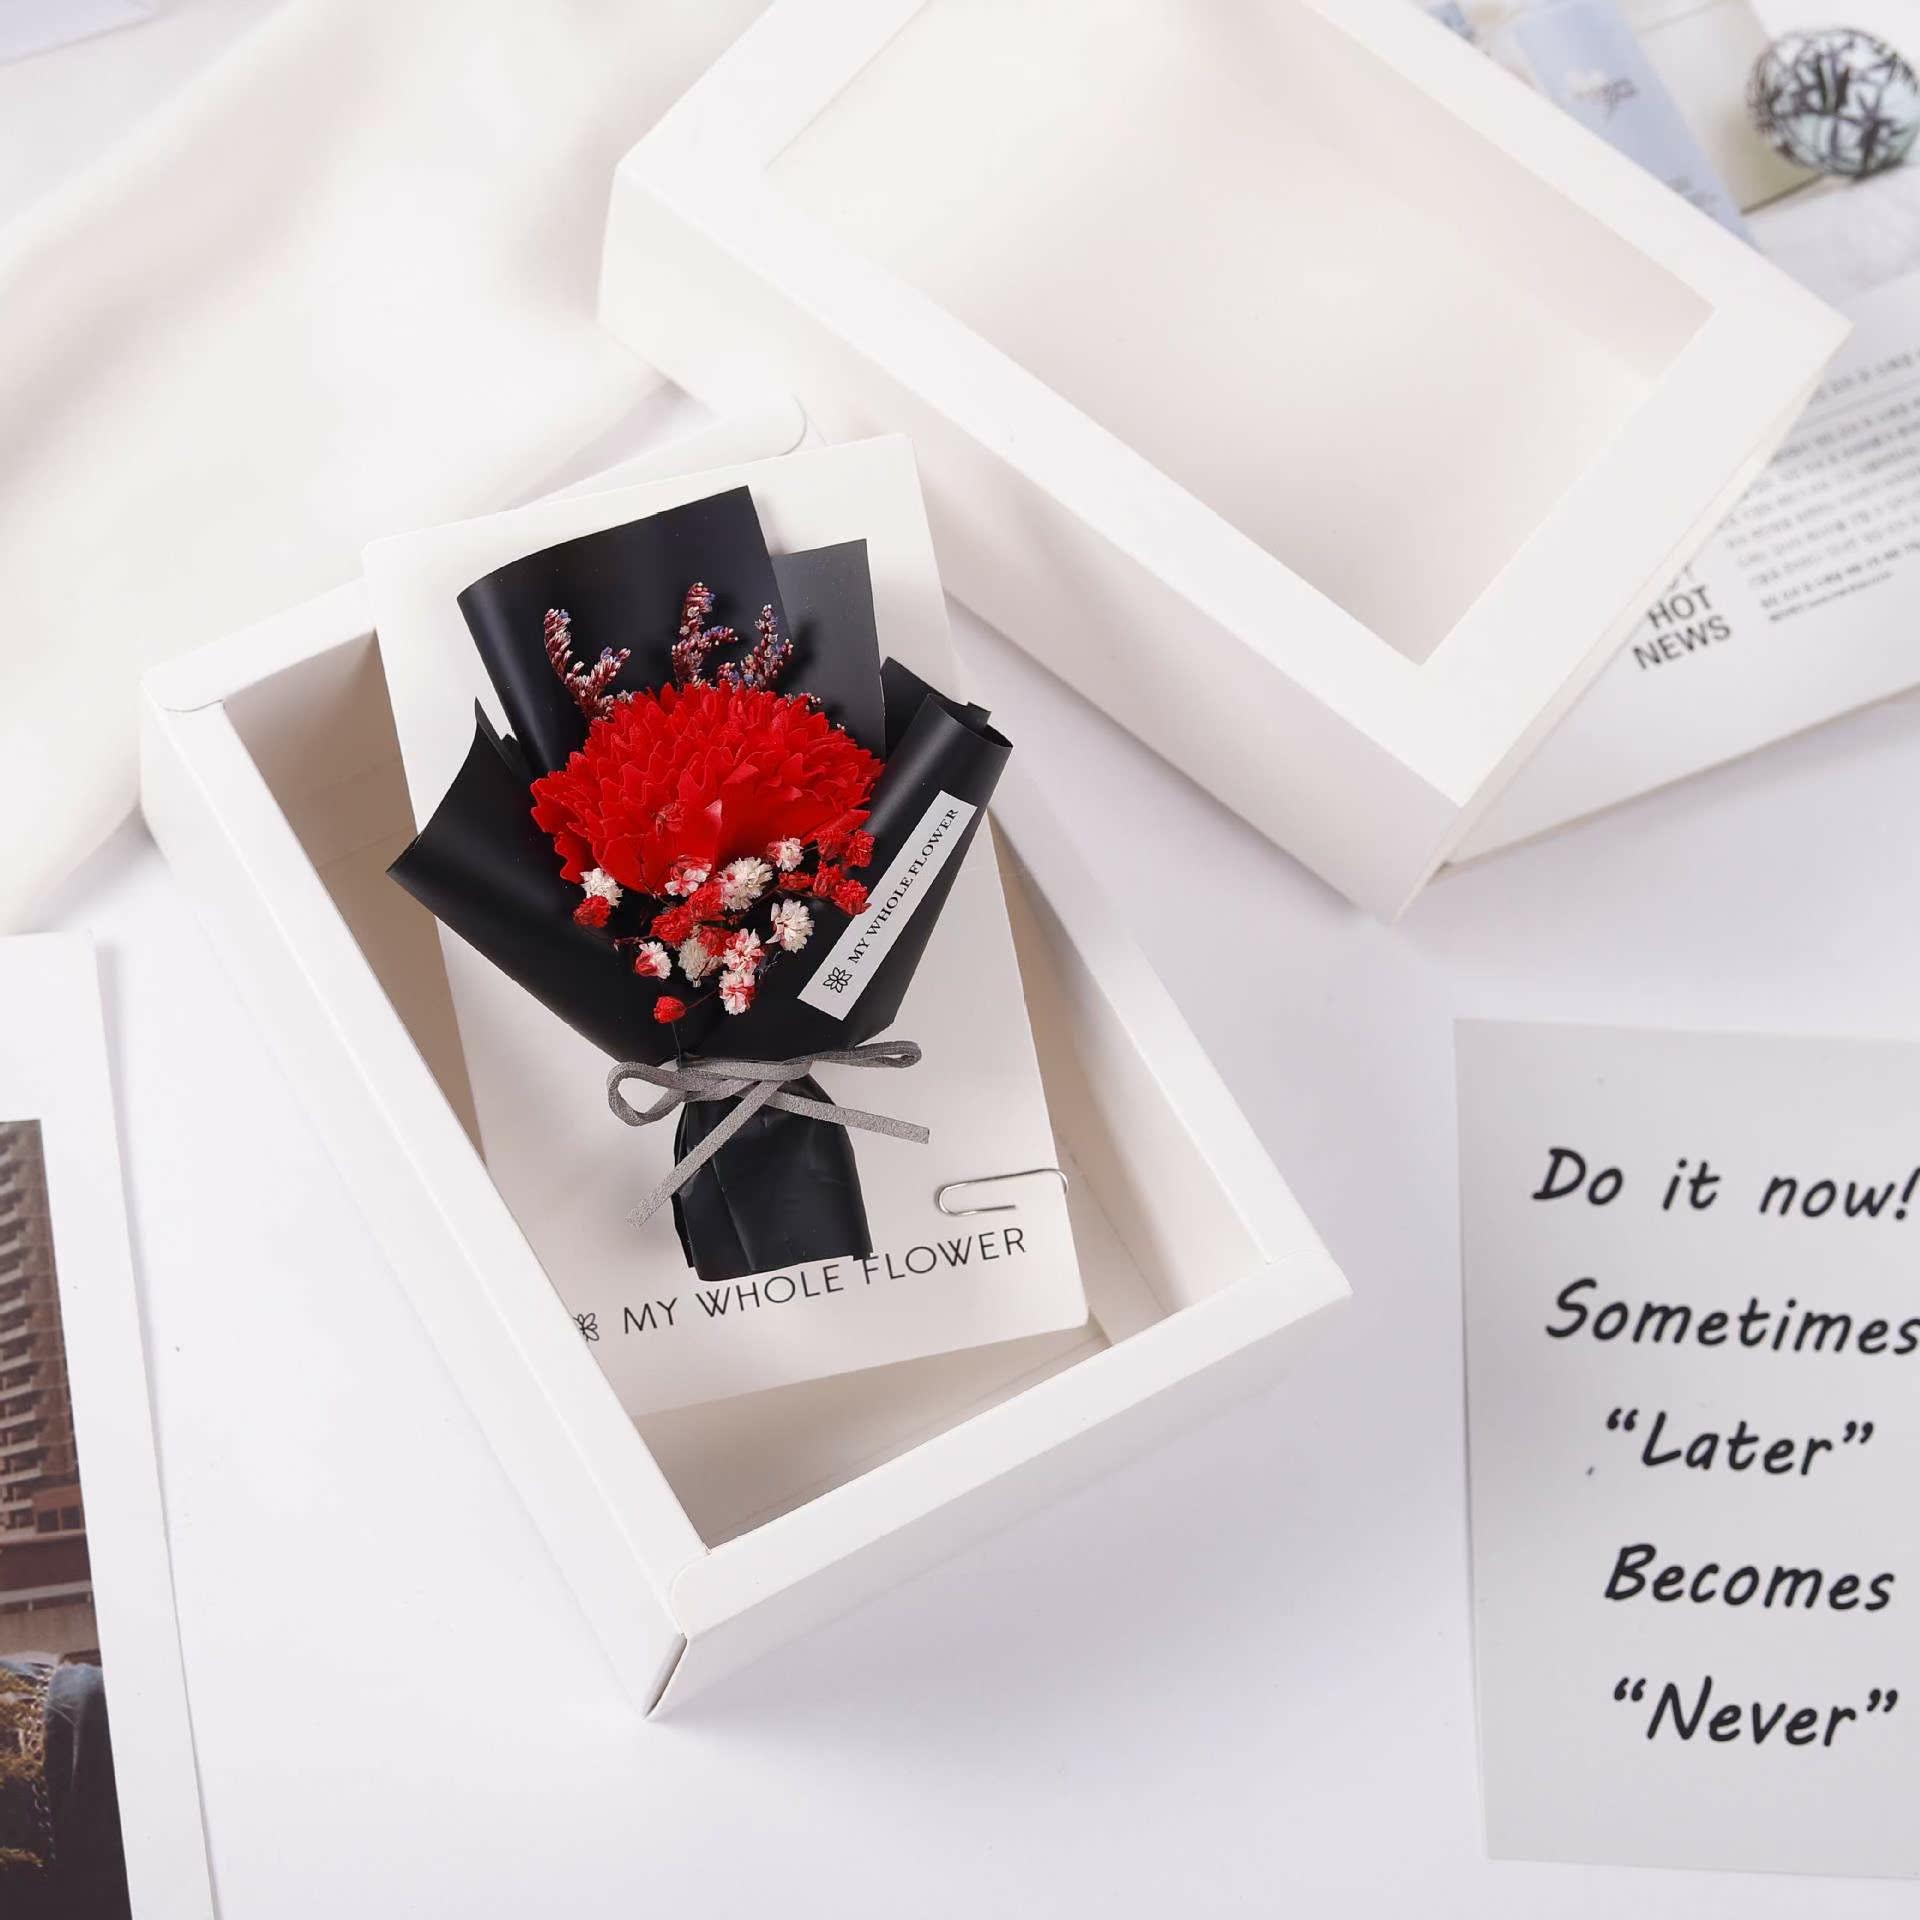 迷你干花贺卡礼盒伴手礼定制老师教师节礼物永生花干花卡片小花束